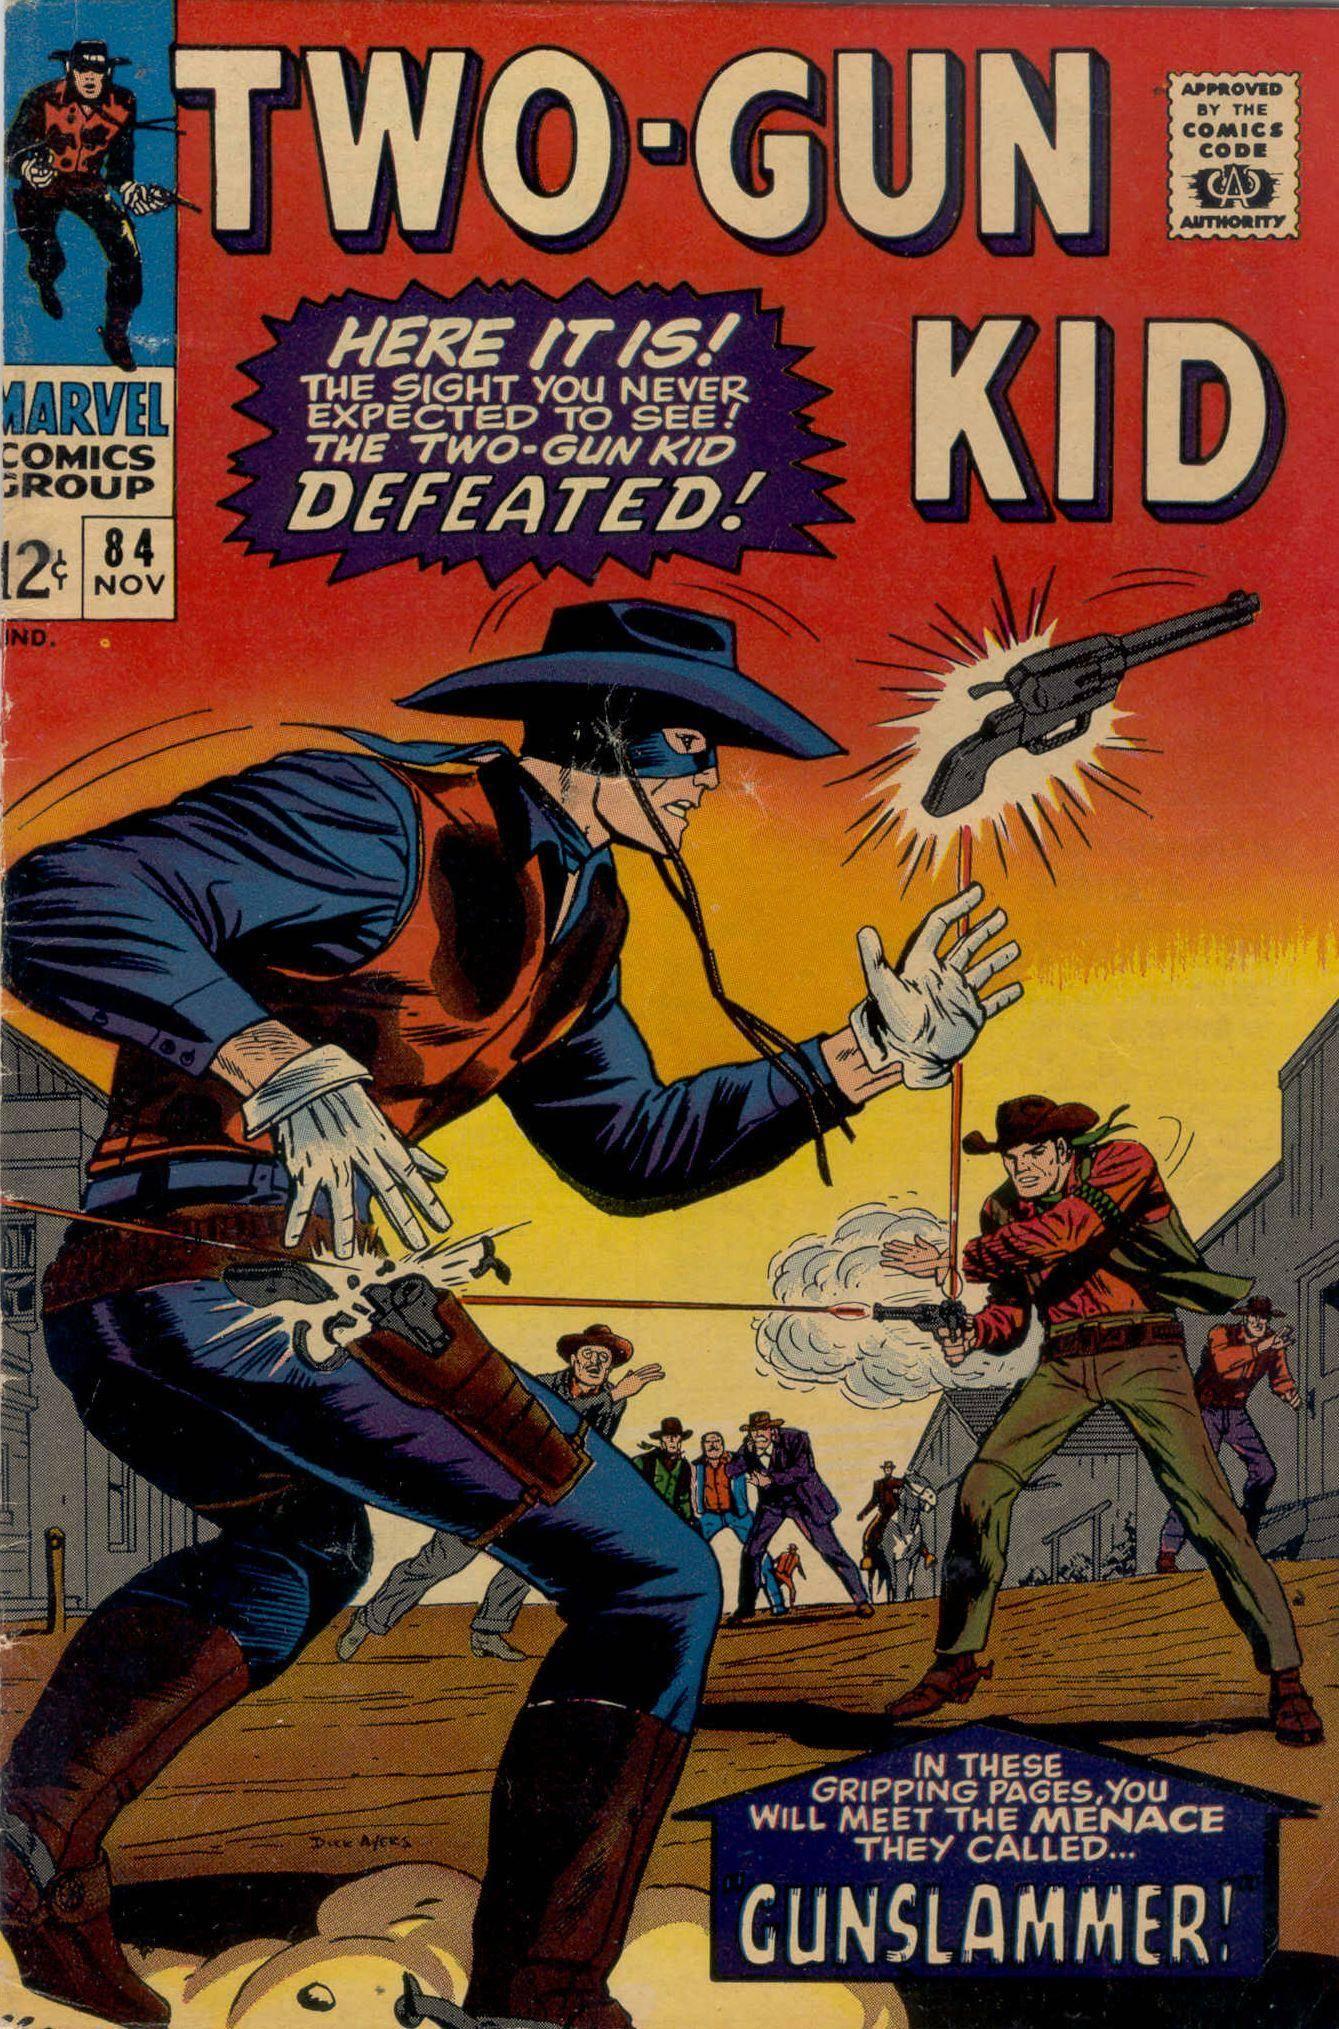 Two-Gun Kid 084